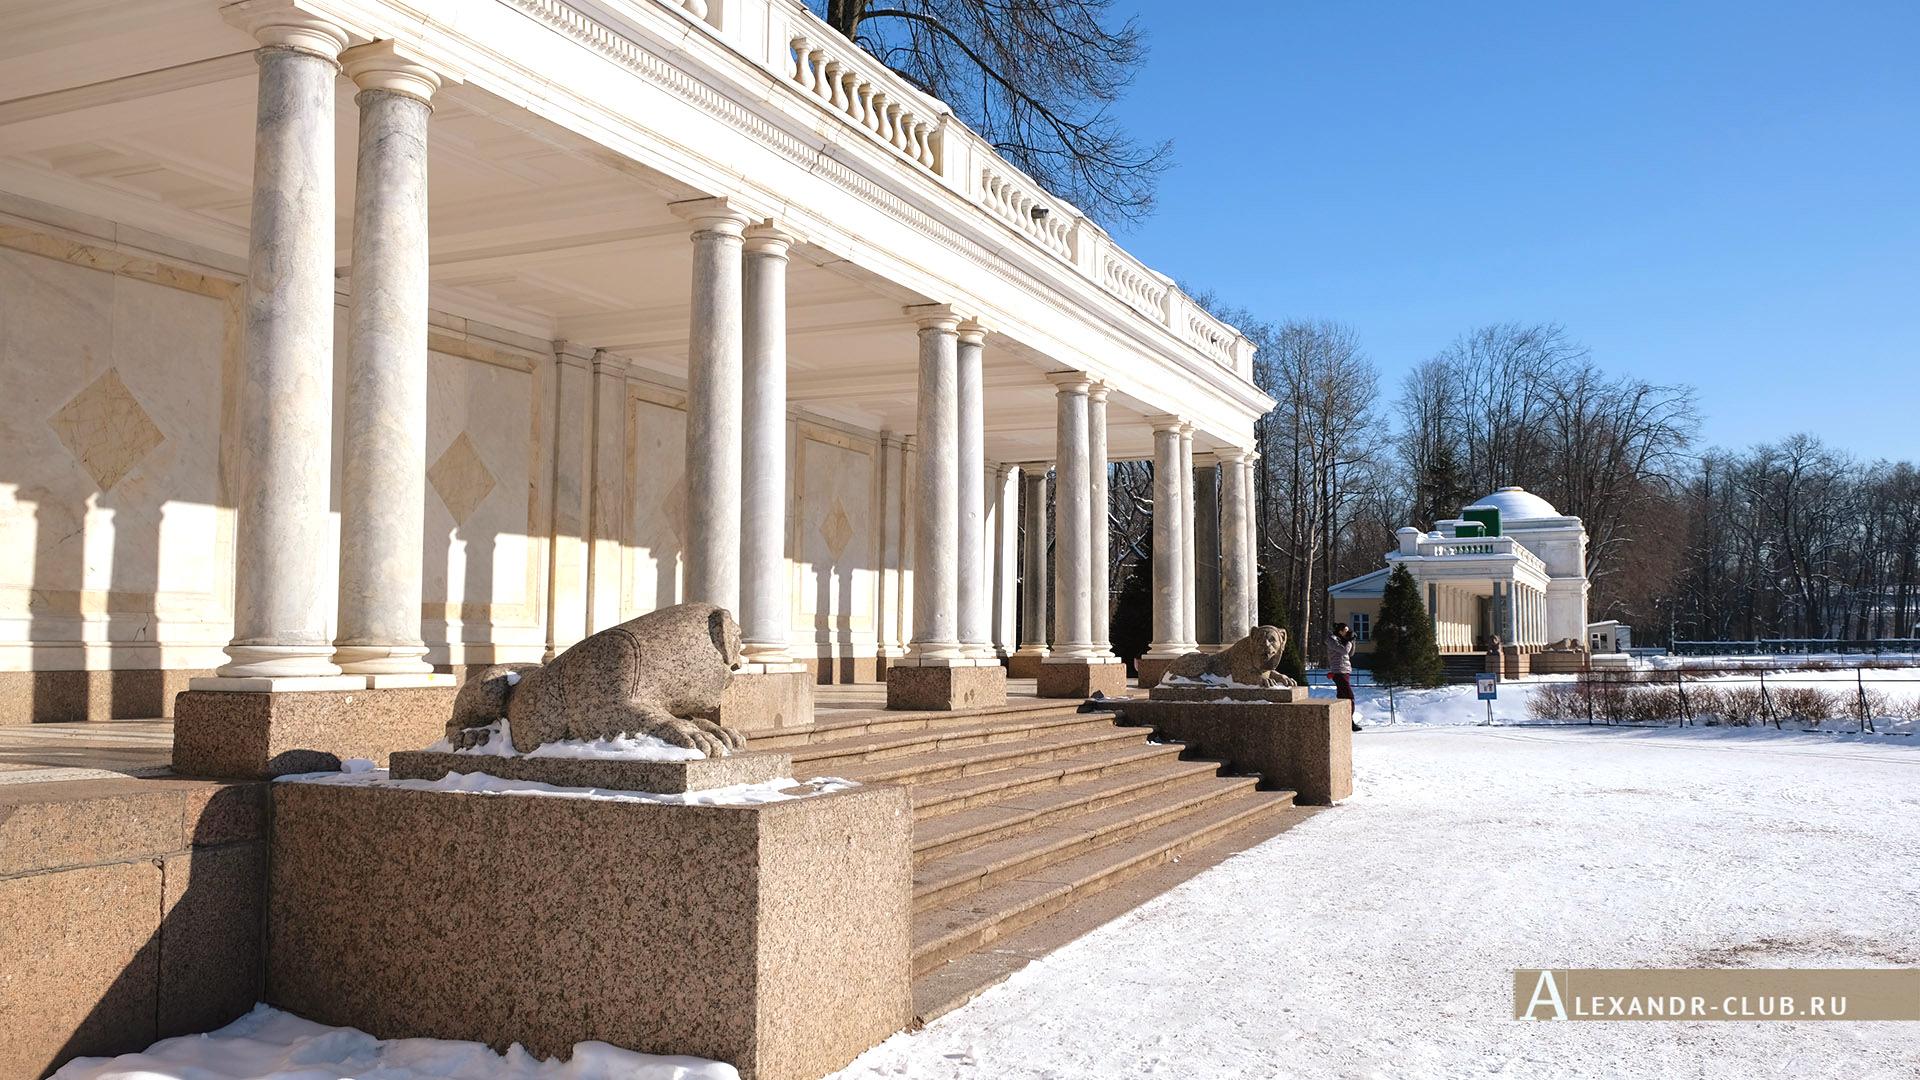 Петергоф, зима, Нижний парк, Воронихинские колоннады – 2